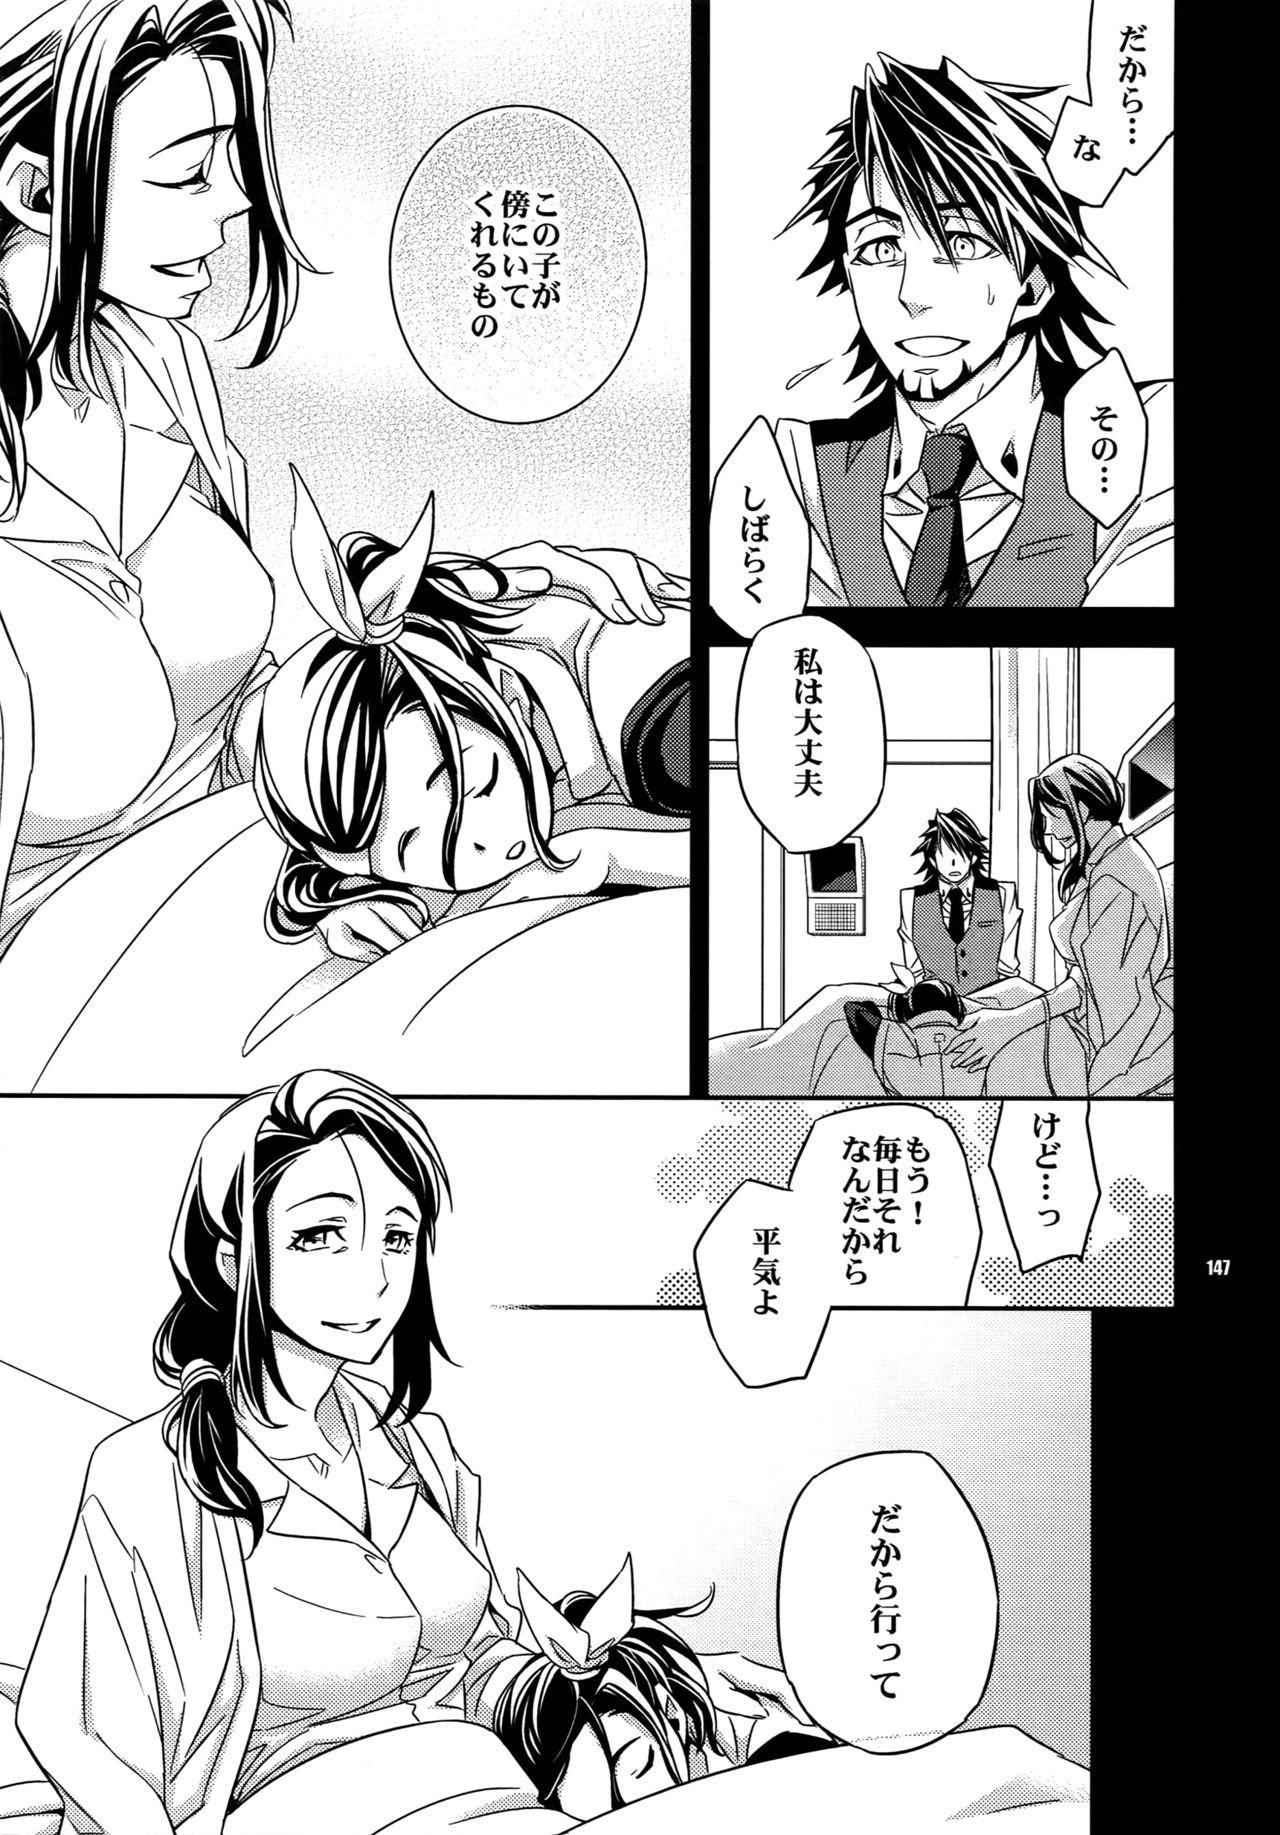 Sairoku 145